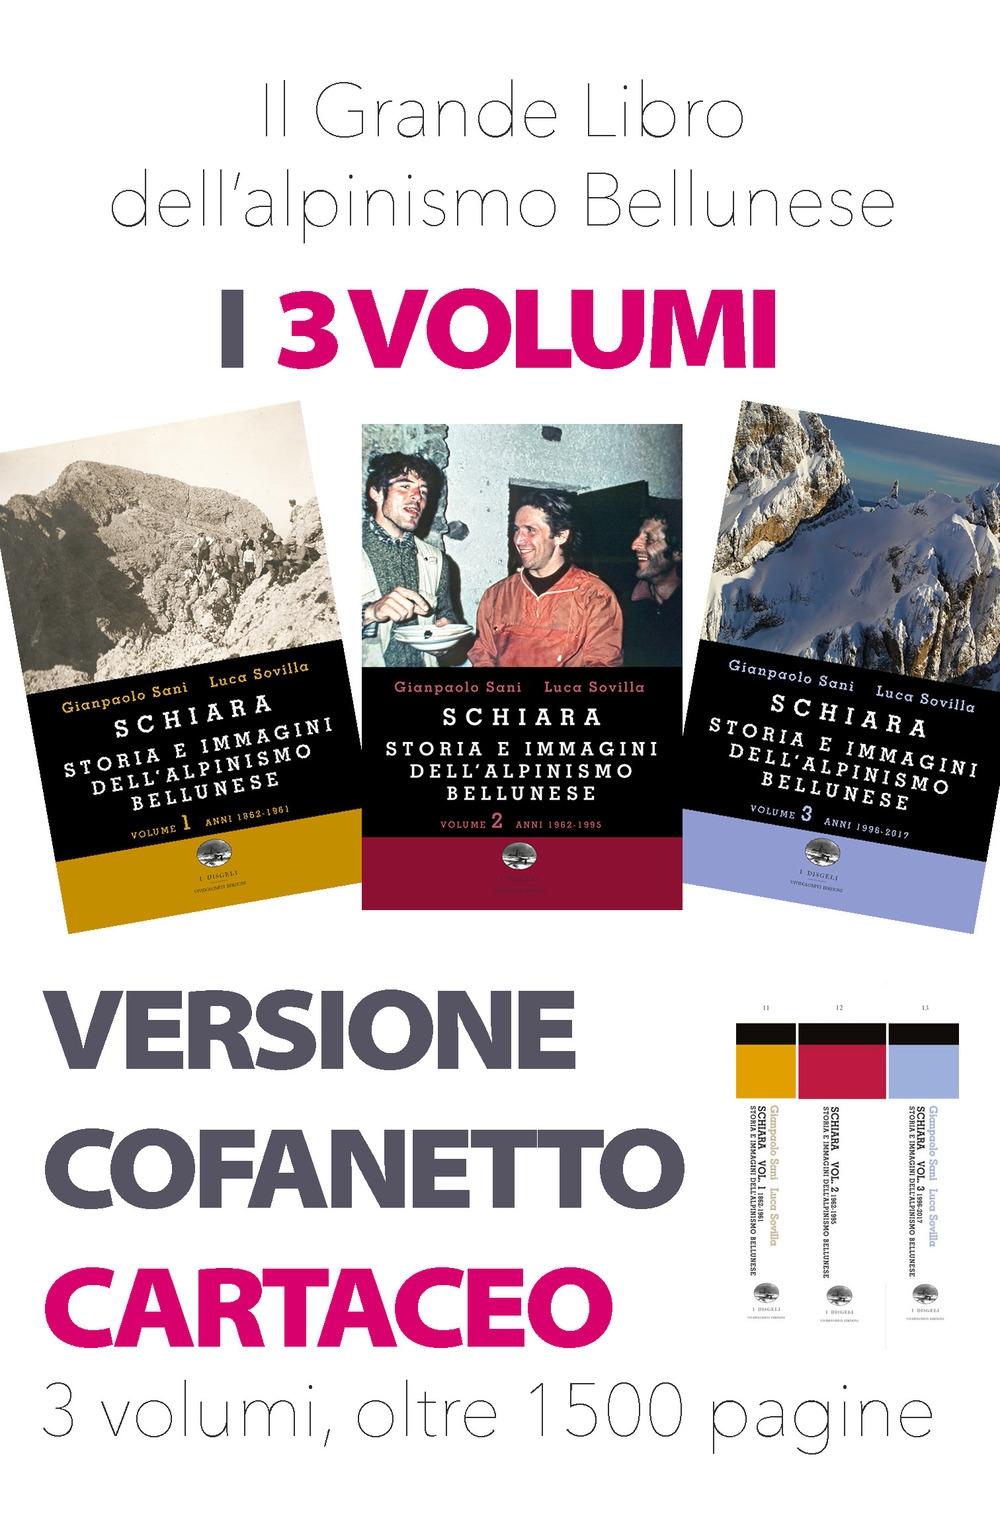 Il grande libro dell'alpinismo bellunese: Schiara. Storia e immagini dell'alpinismo bellunese